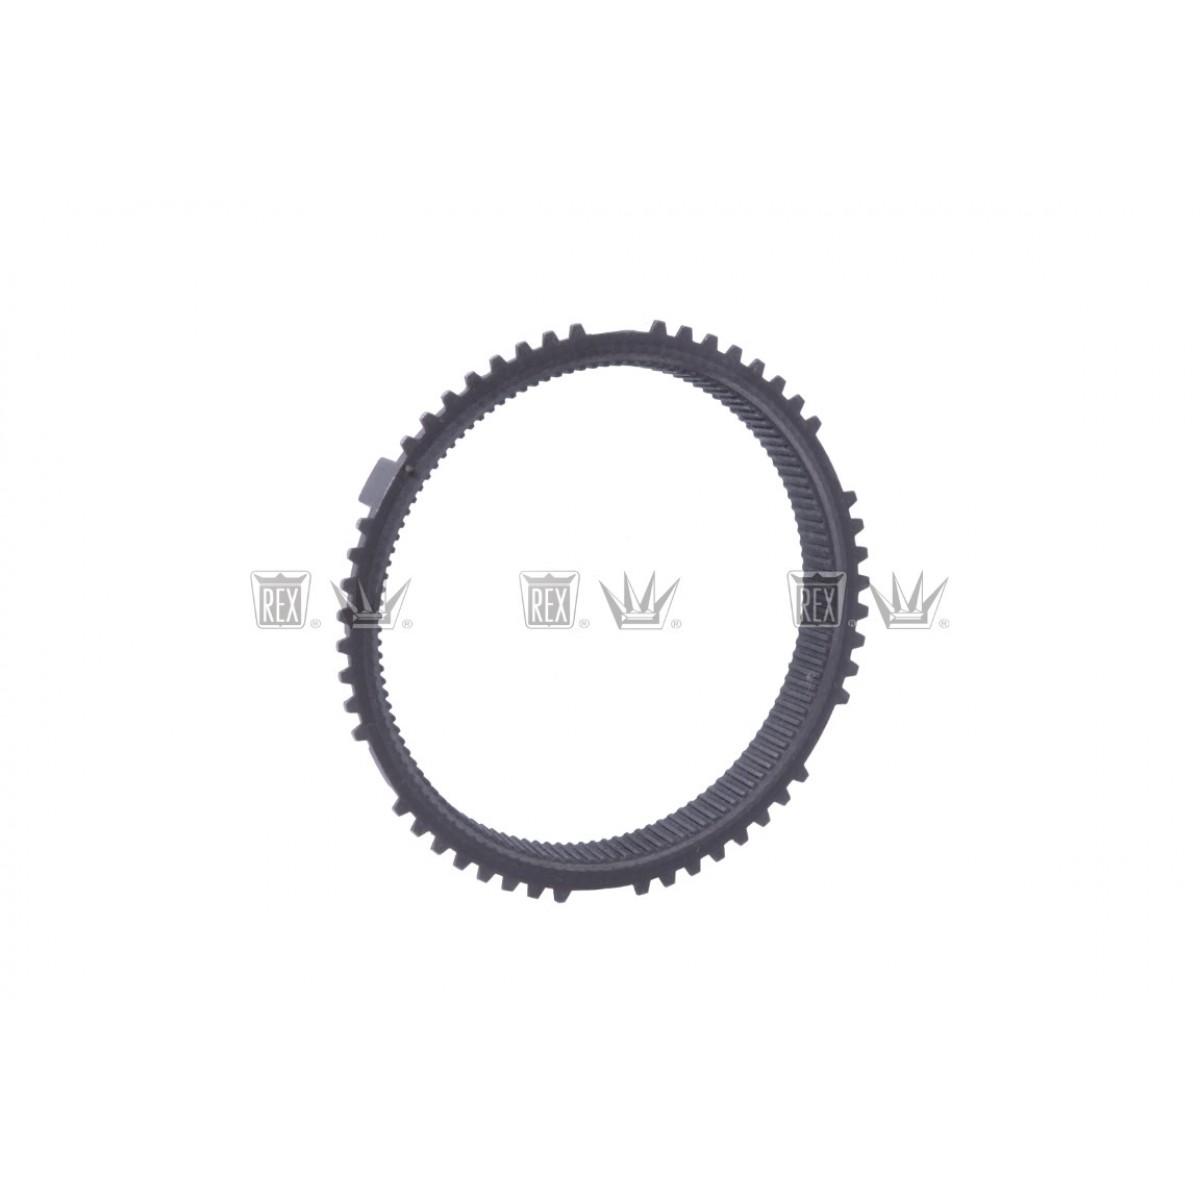 anel do sincronizado da 3ª marcha caixa cambio ZF - S5-42/420